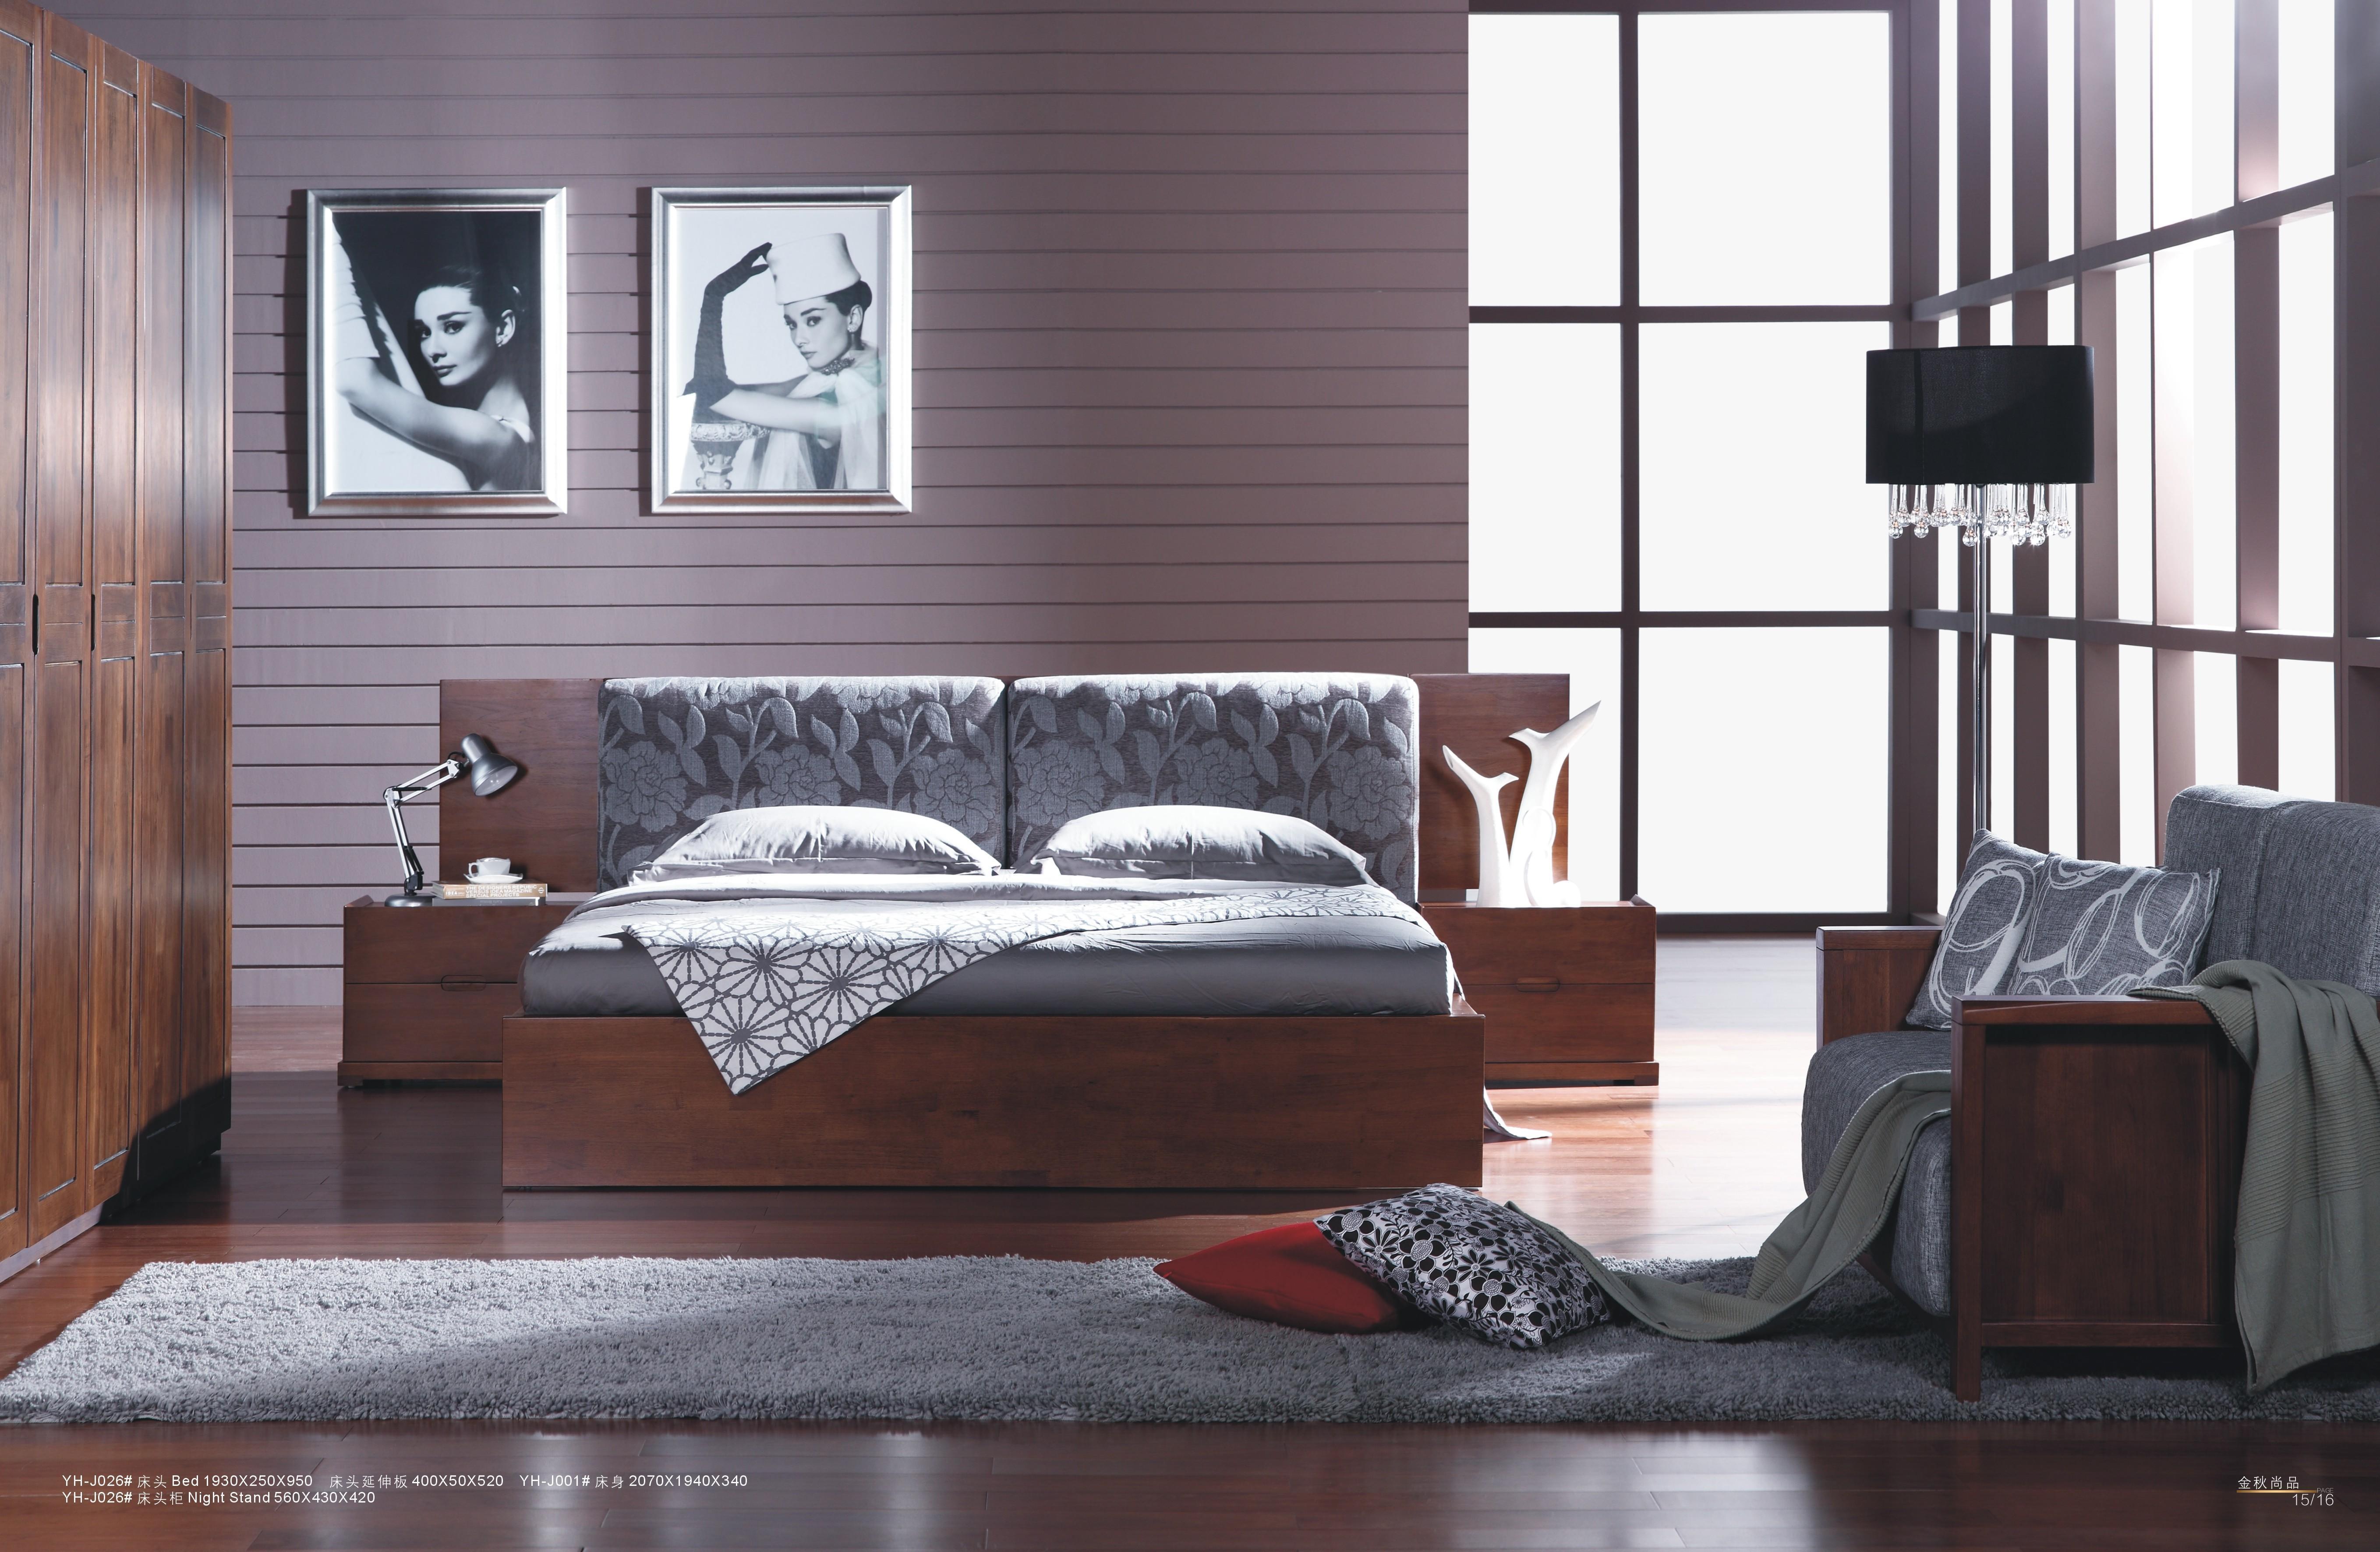 Carta da parati cameretta bimba - Mercatone uno tappeti per camera da letto ...